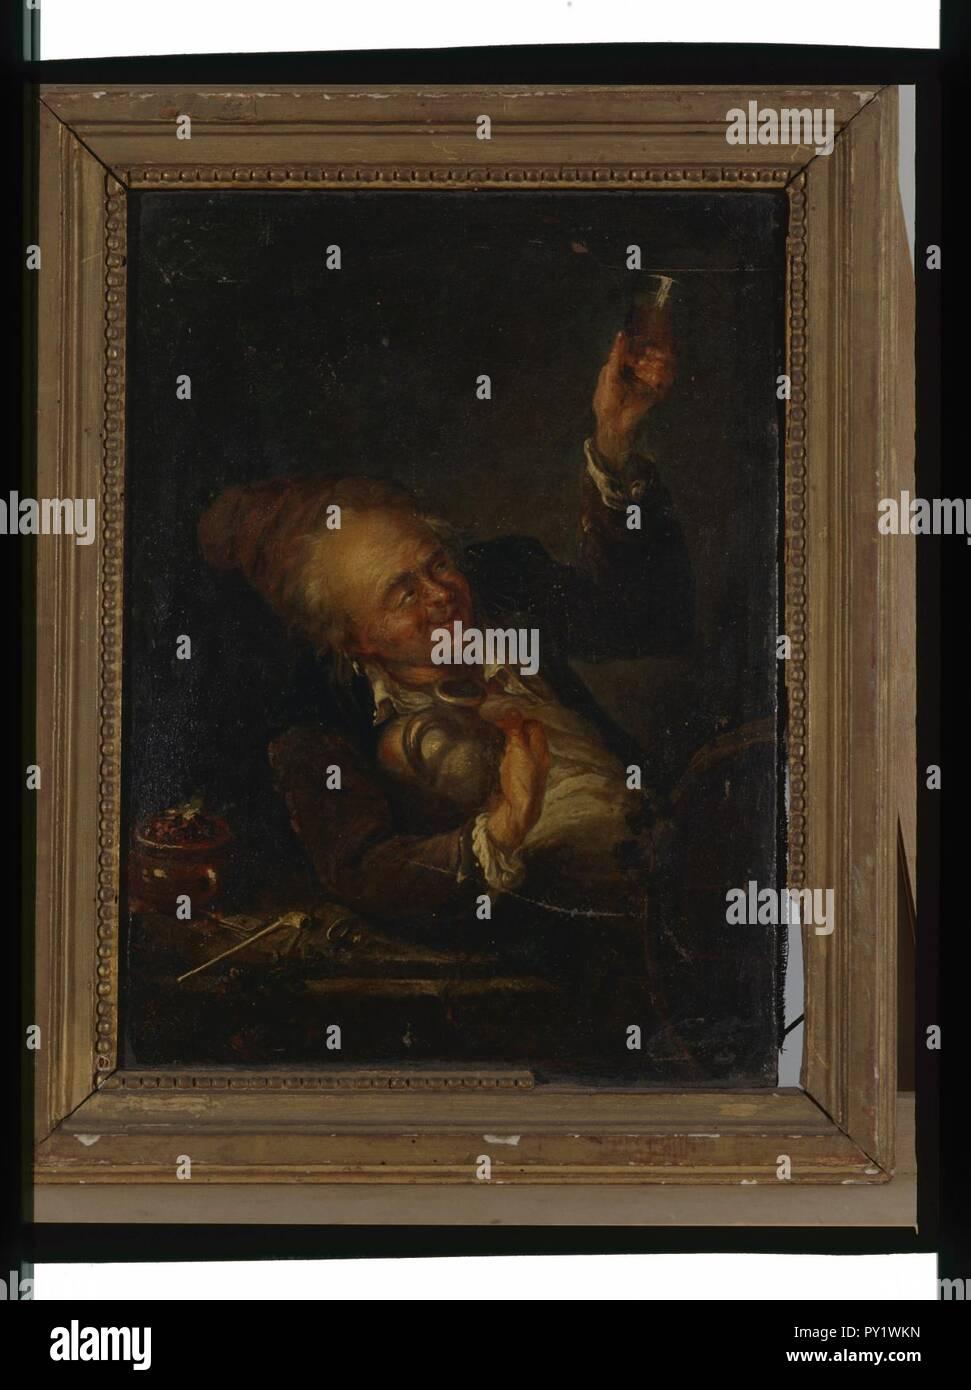 - Buveur anonyme - Musée d'art et d'histoire de Saint-Brieuc, DOC 102. Foto de stock